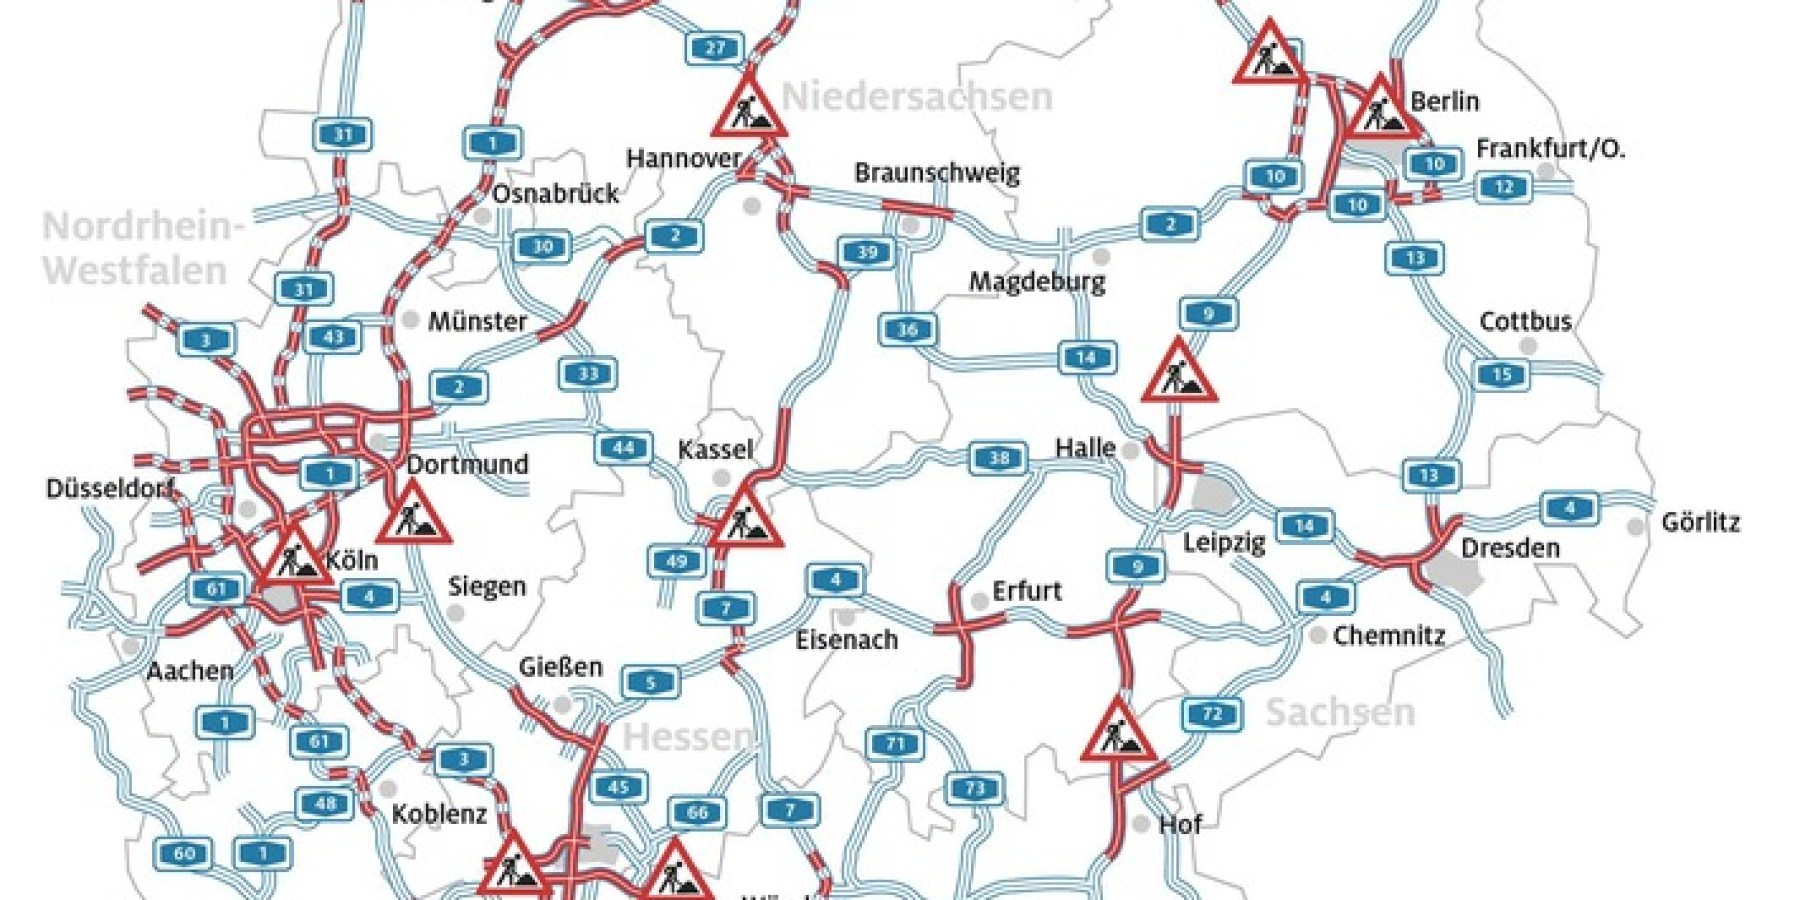 Geschlossene Schulen in ganz Deutschland – Hochphase der Sommerreisezeit so ruhig wie nie